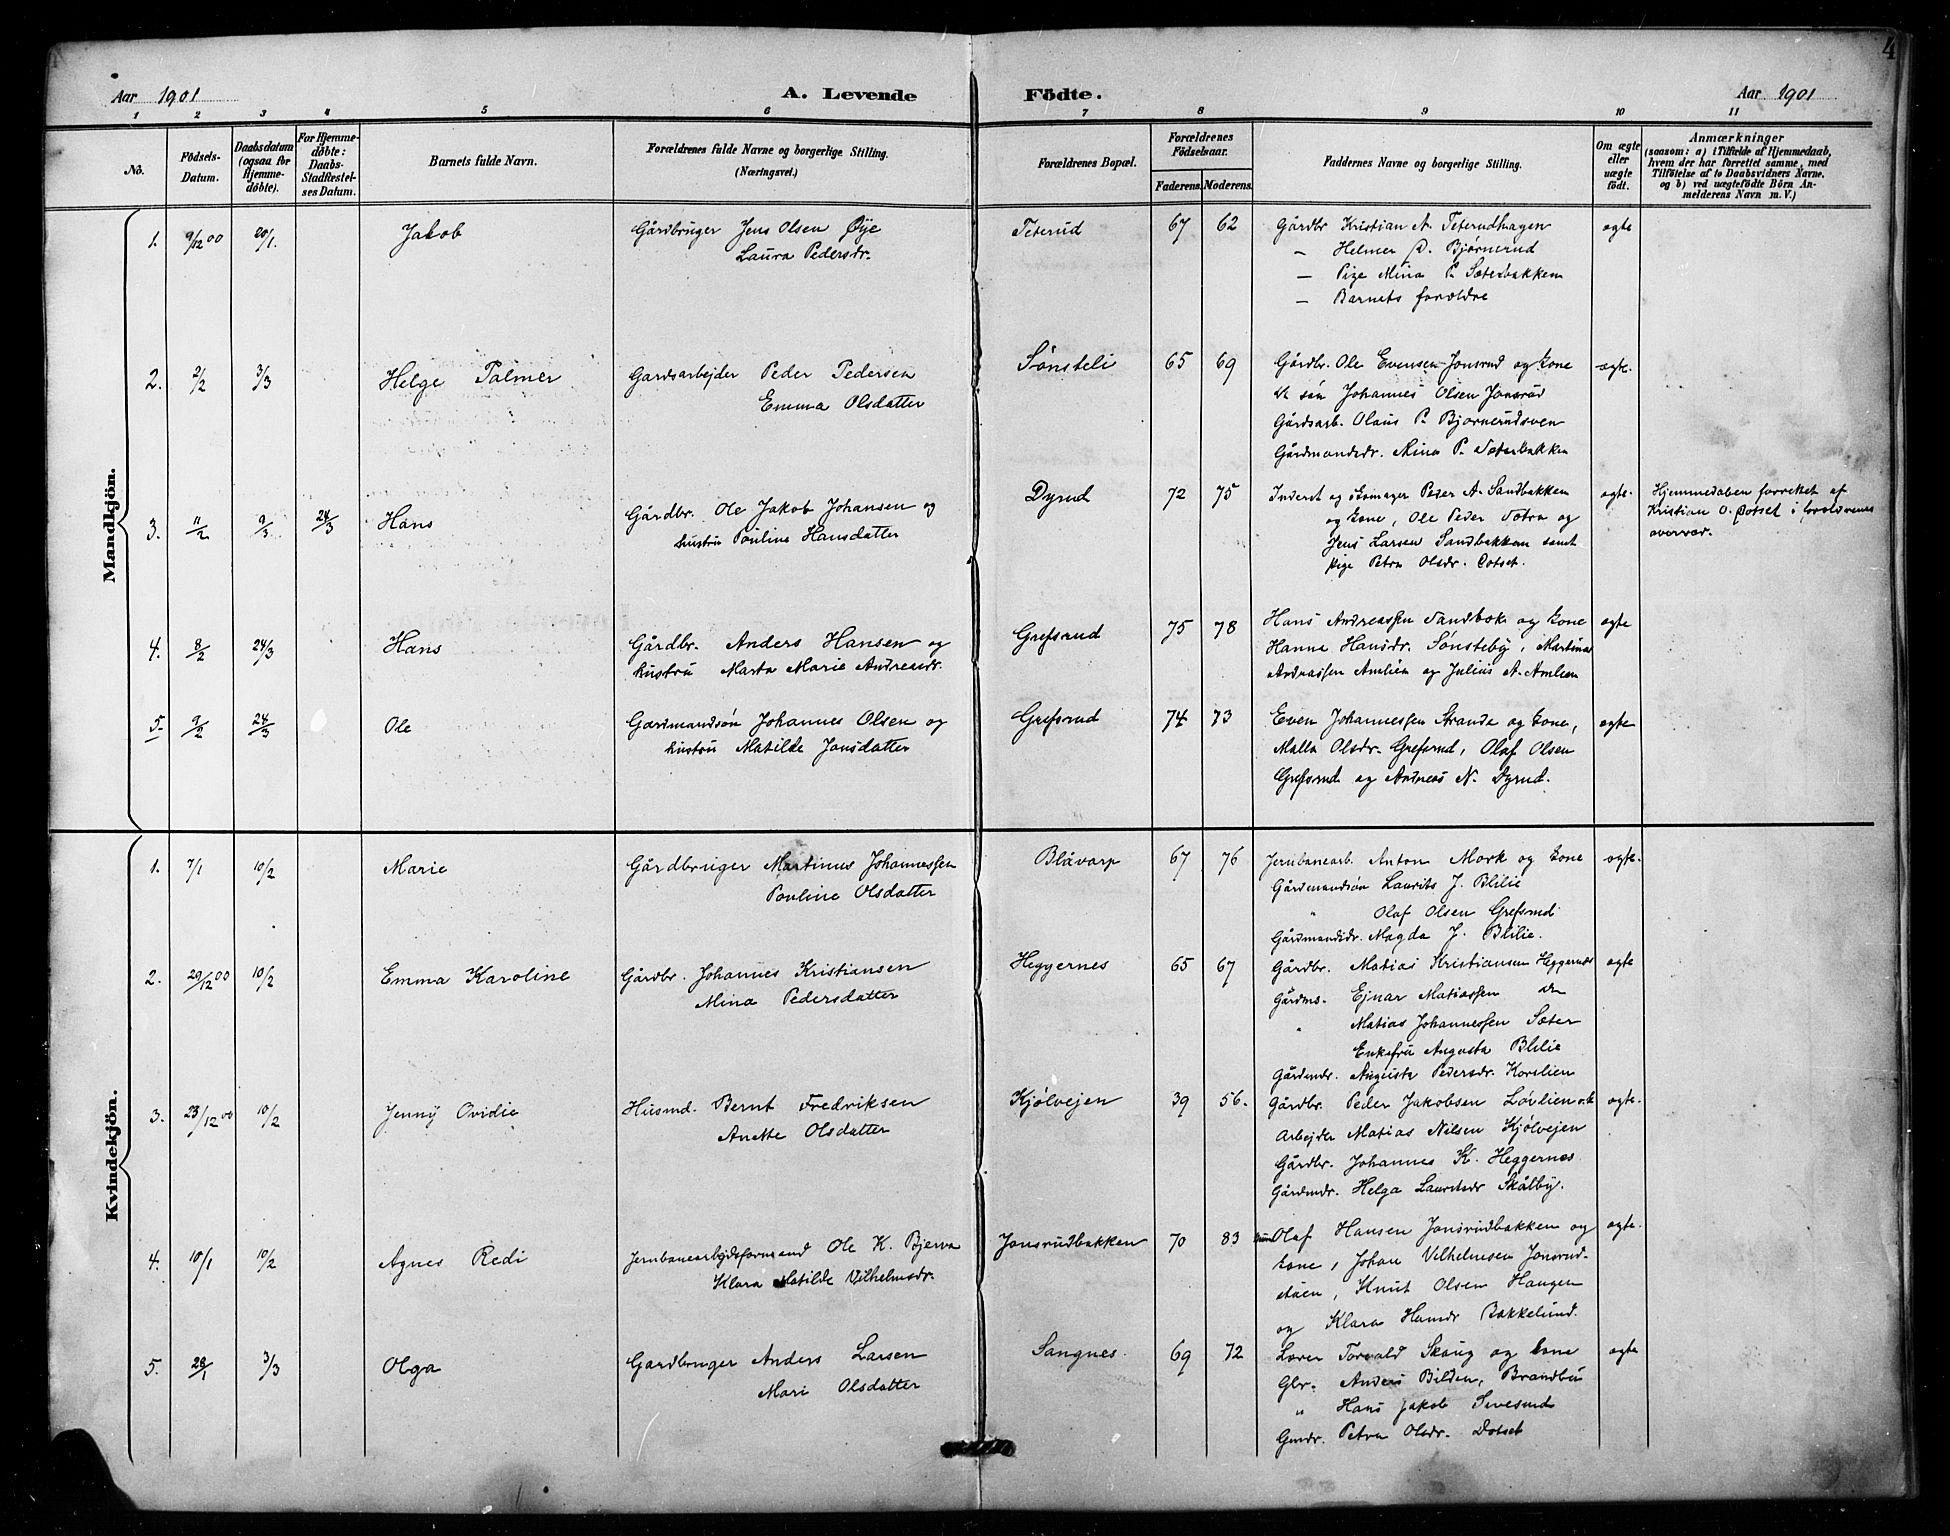 SAH, Vestre Toten prestekontor, Klokkerbok nr. 16, 1901-1915, s. 4